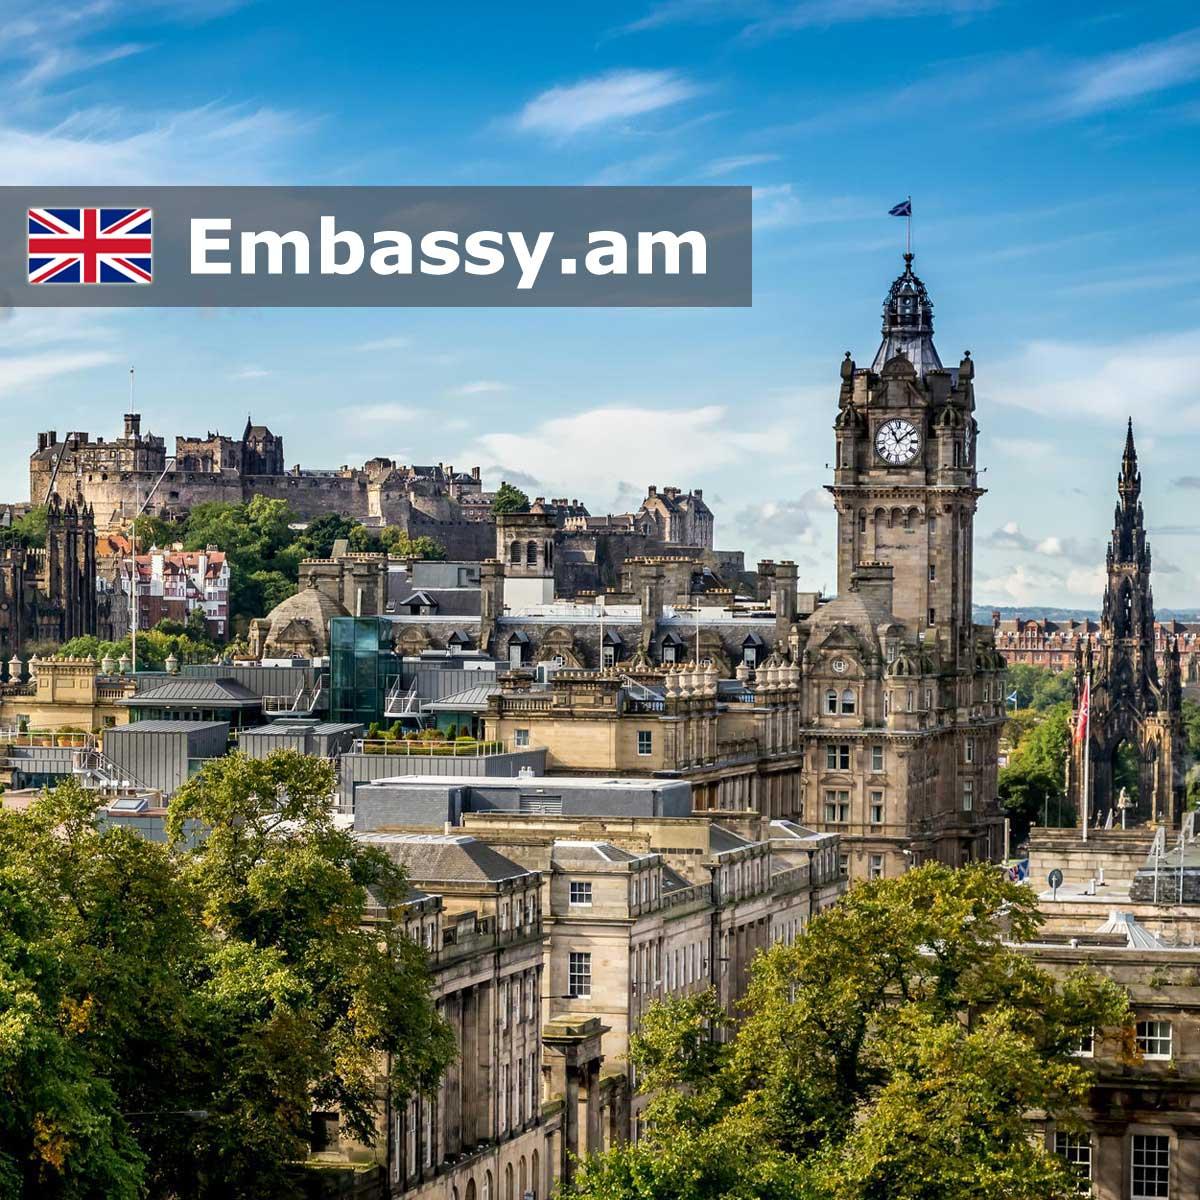 Էդինբուրգ - Հյուրանոցներ Միացյալ Թագավորությունում - Embassy.am